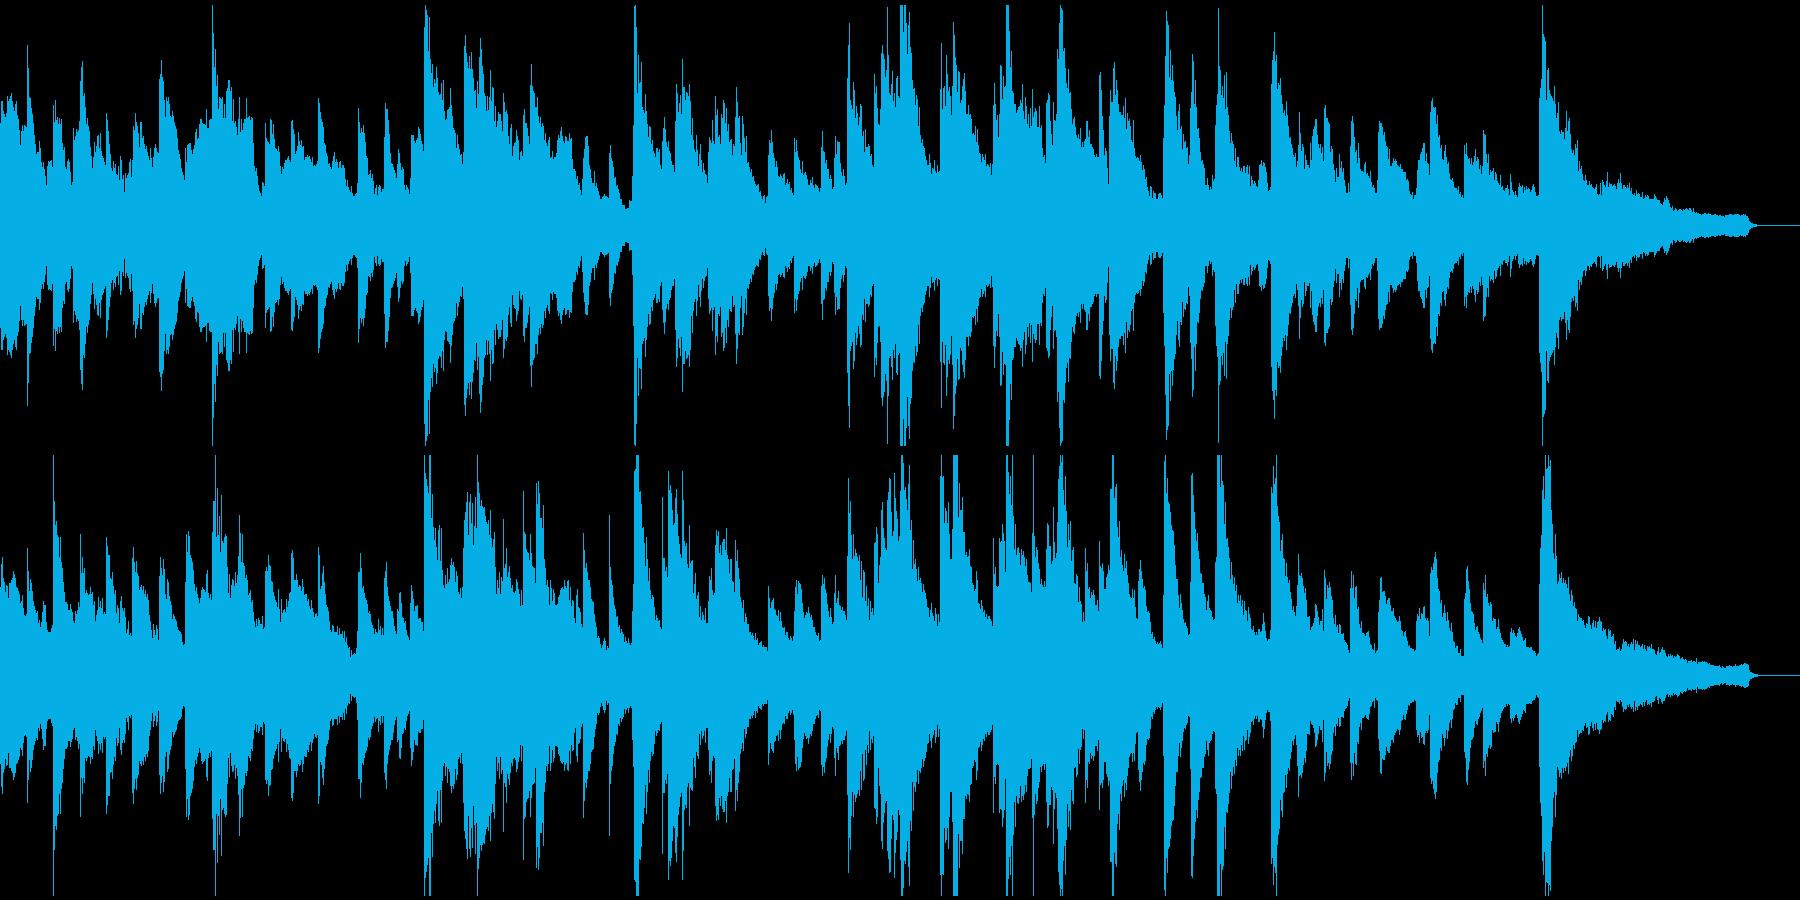 悲しい雰囲気のピアノ&オーケストラ楽曲の再生済みの波形